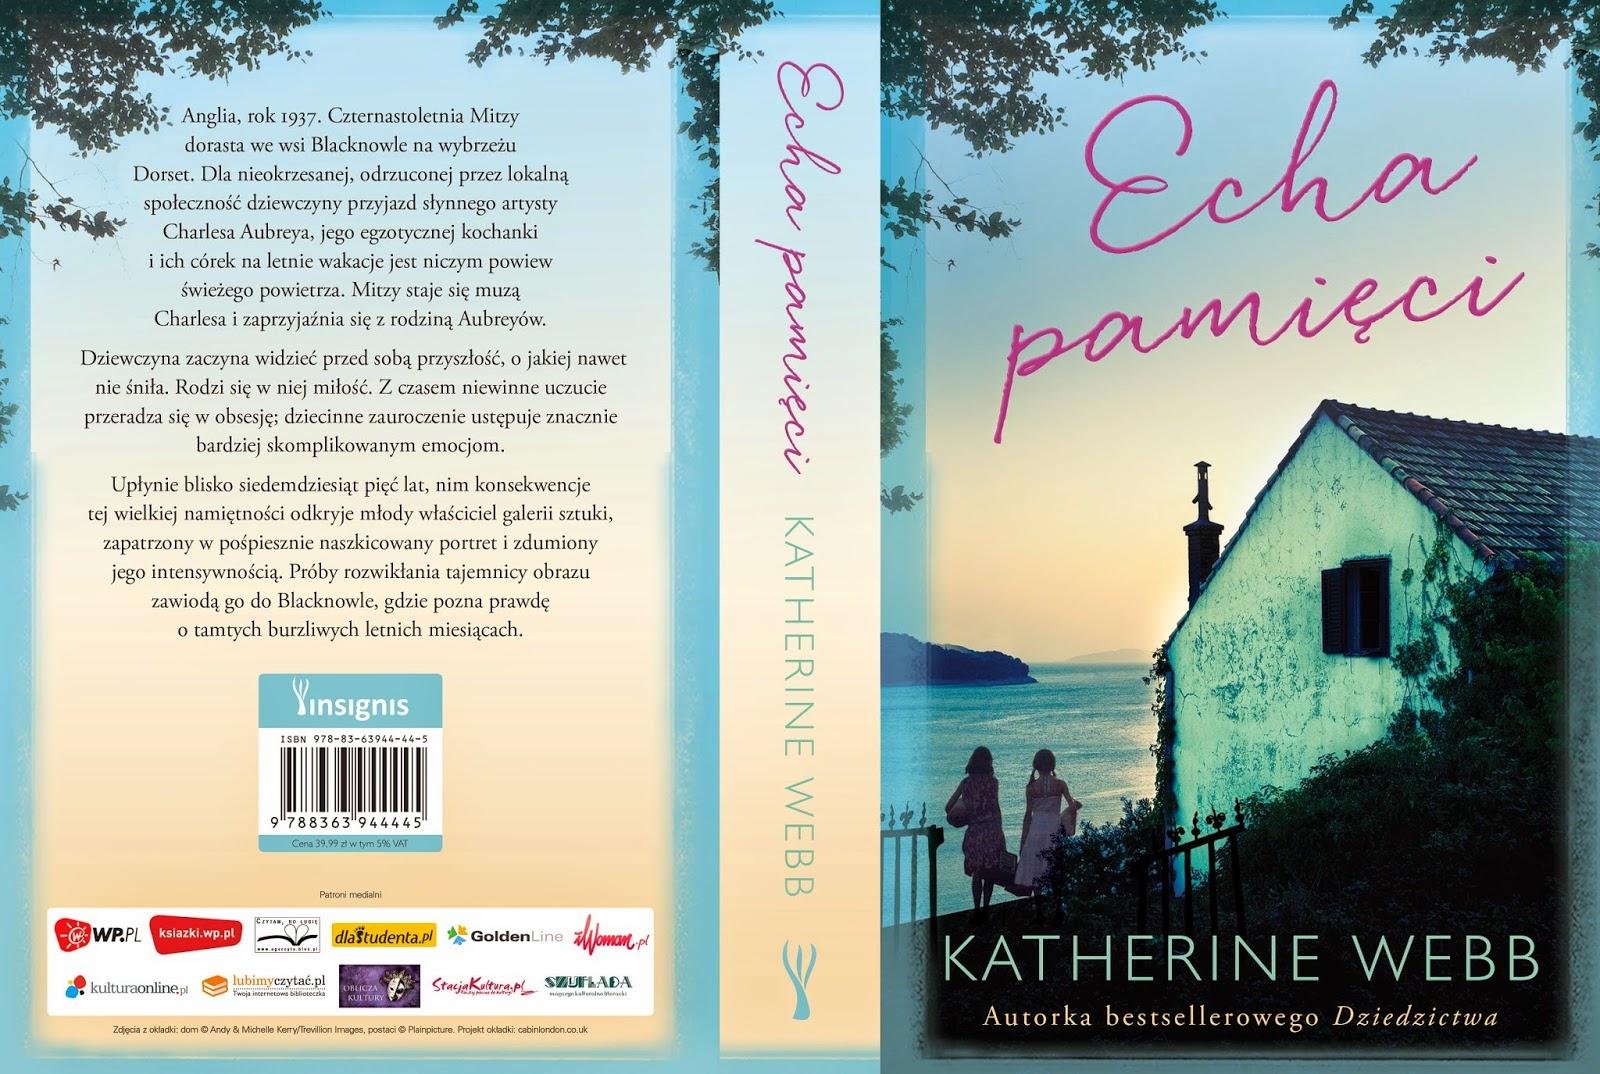 Nowa, porywająca powieść świetnie przyjętej w Polsce Katherine Webb, autorki bestsellera Dziedzictwo.